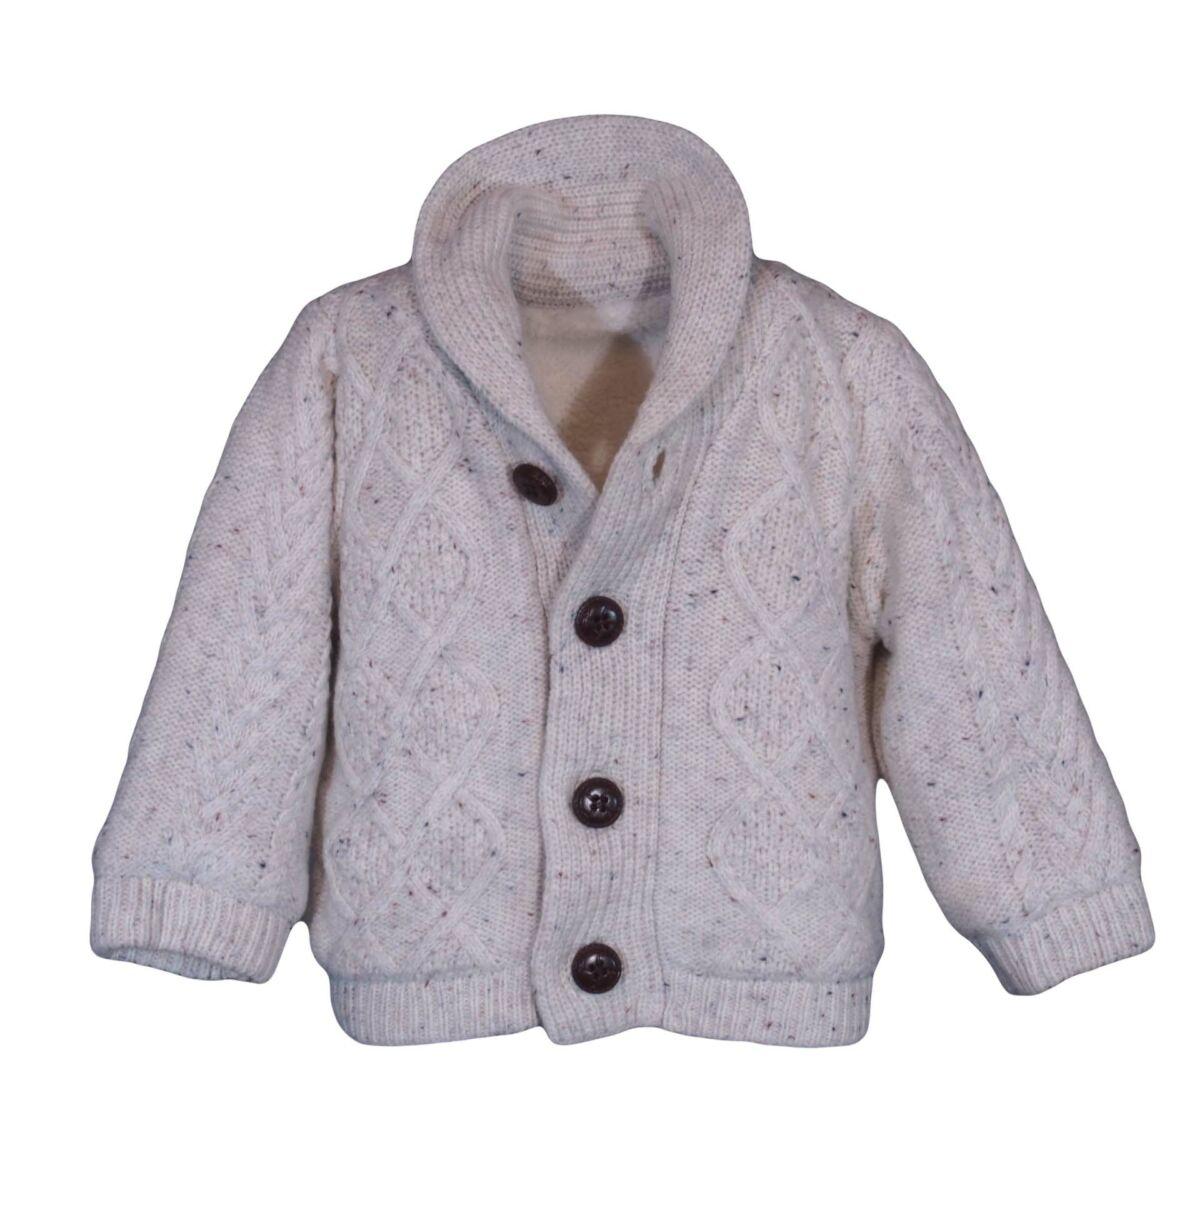 3295bb9222 Bézs kötött bélelt vastag pulcsi/kabát (1- 1,5 év)